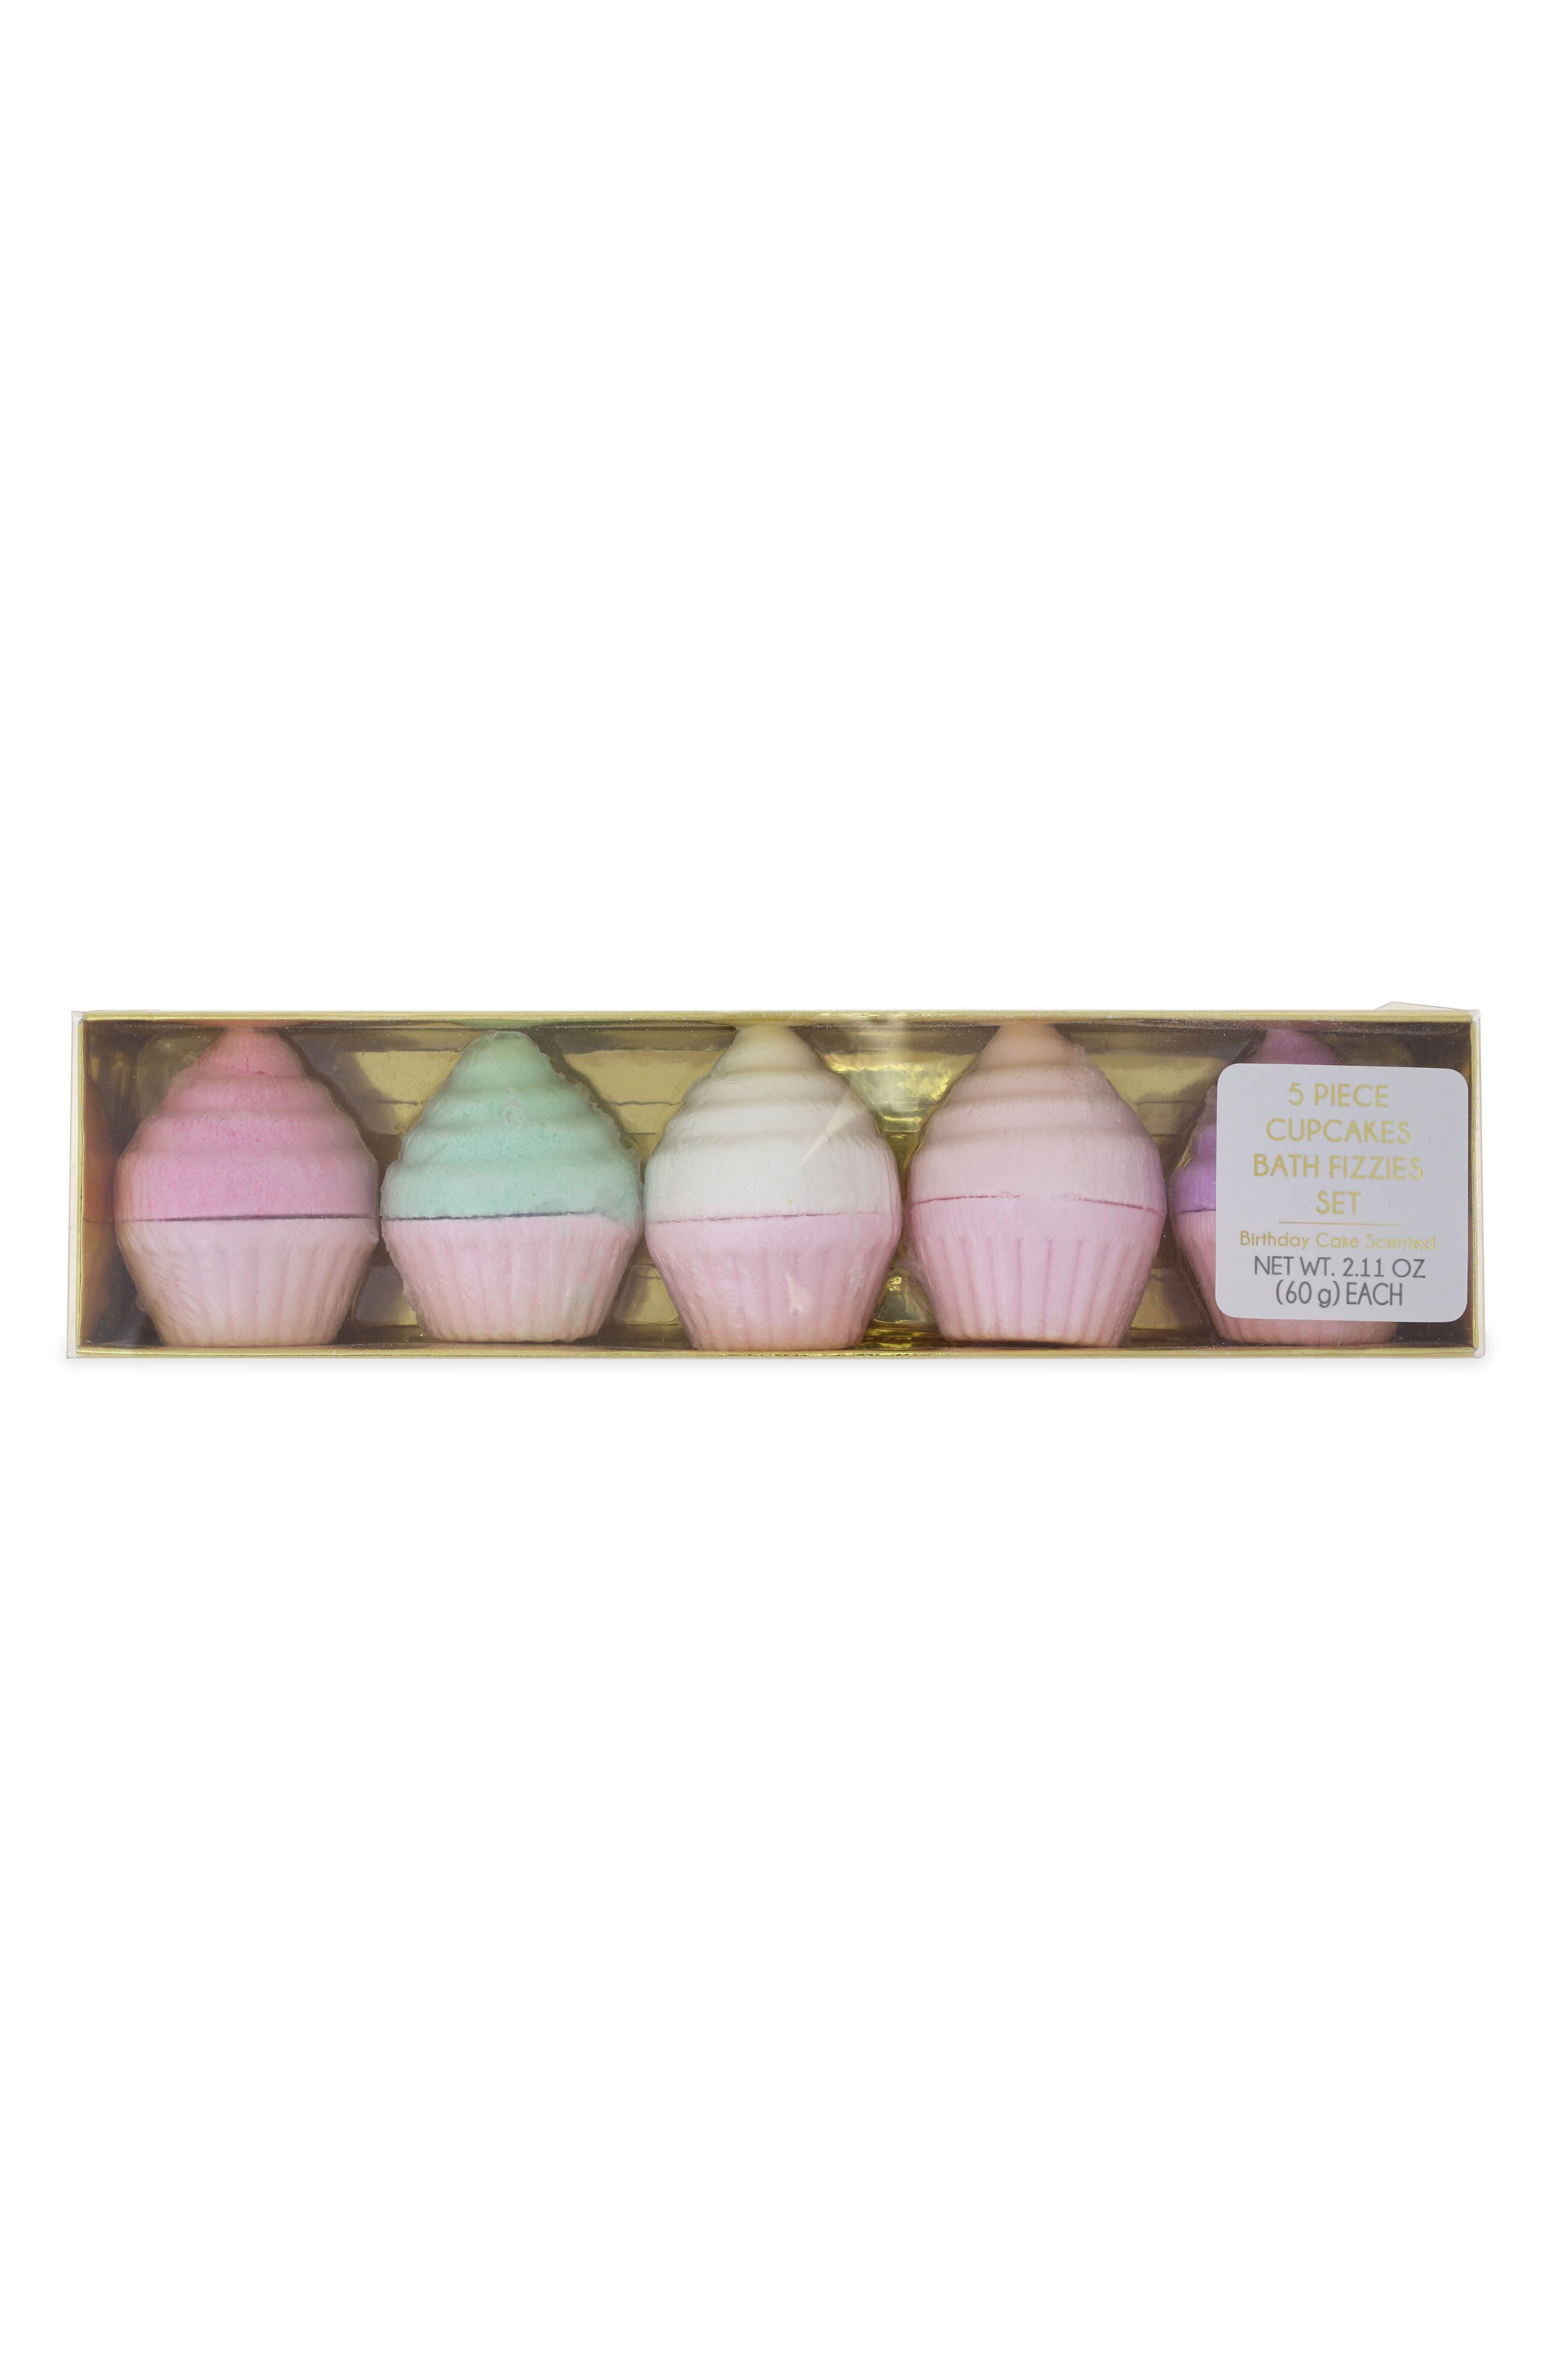 5-Piece Cupcake Bath Fizzies Set,                             Main thumbnail 1, color,                             650